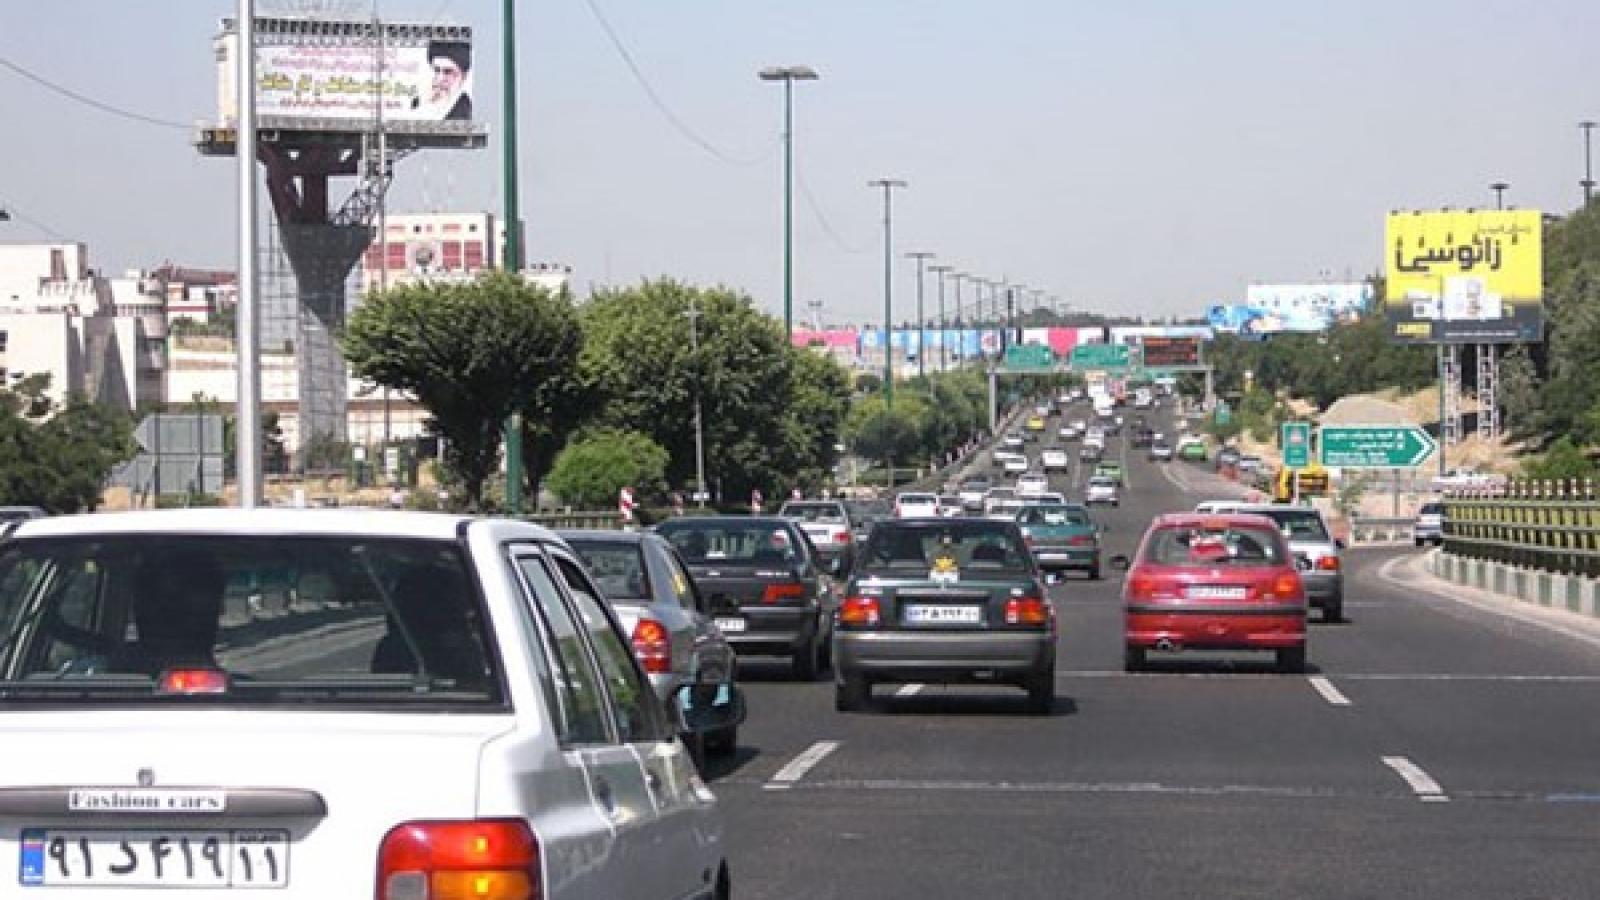 اعلام ساعات پیک ترافیک صبحگاهی و عصرگاهی - اجاره خودرو طباطبایی